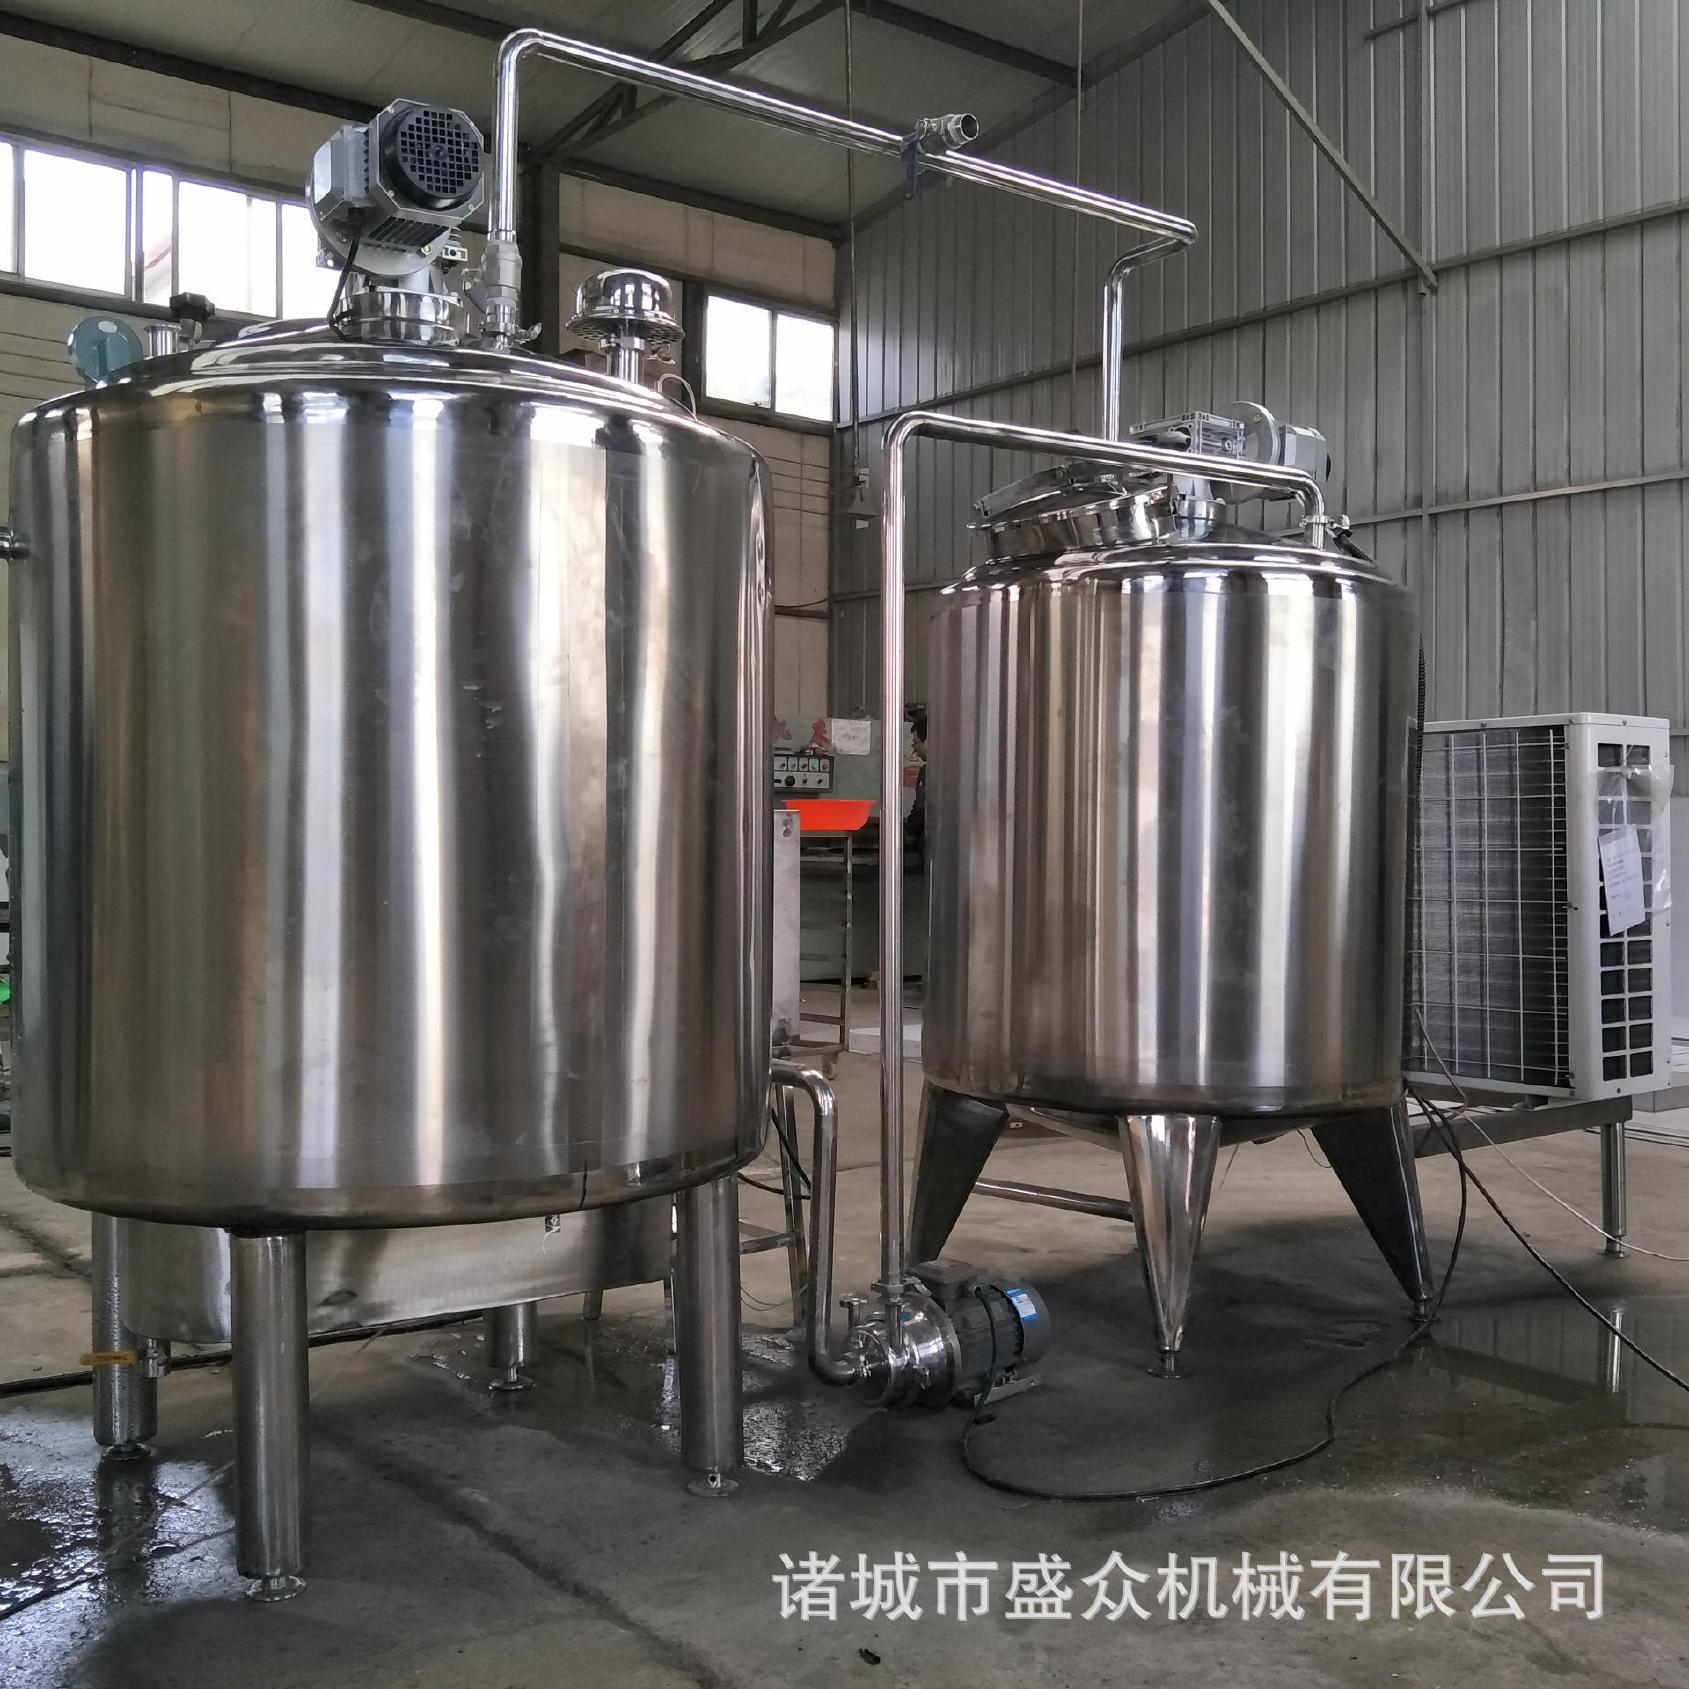 厂家直销新款304不锈钢牛奶发酵罐 酸奶吧��用设备爆款特价示例图10